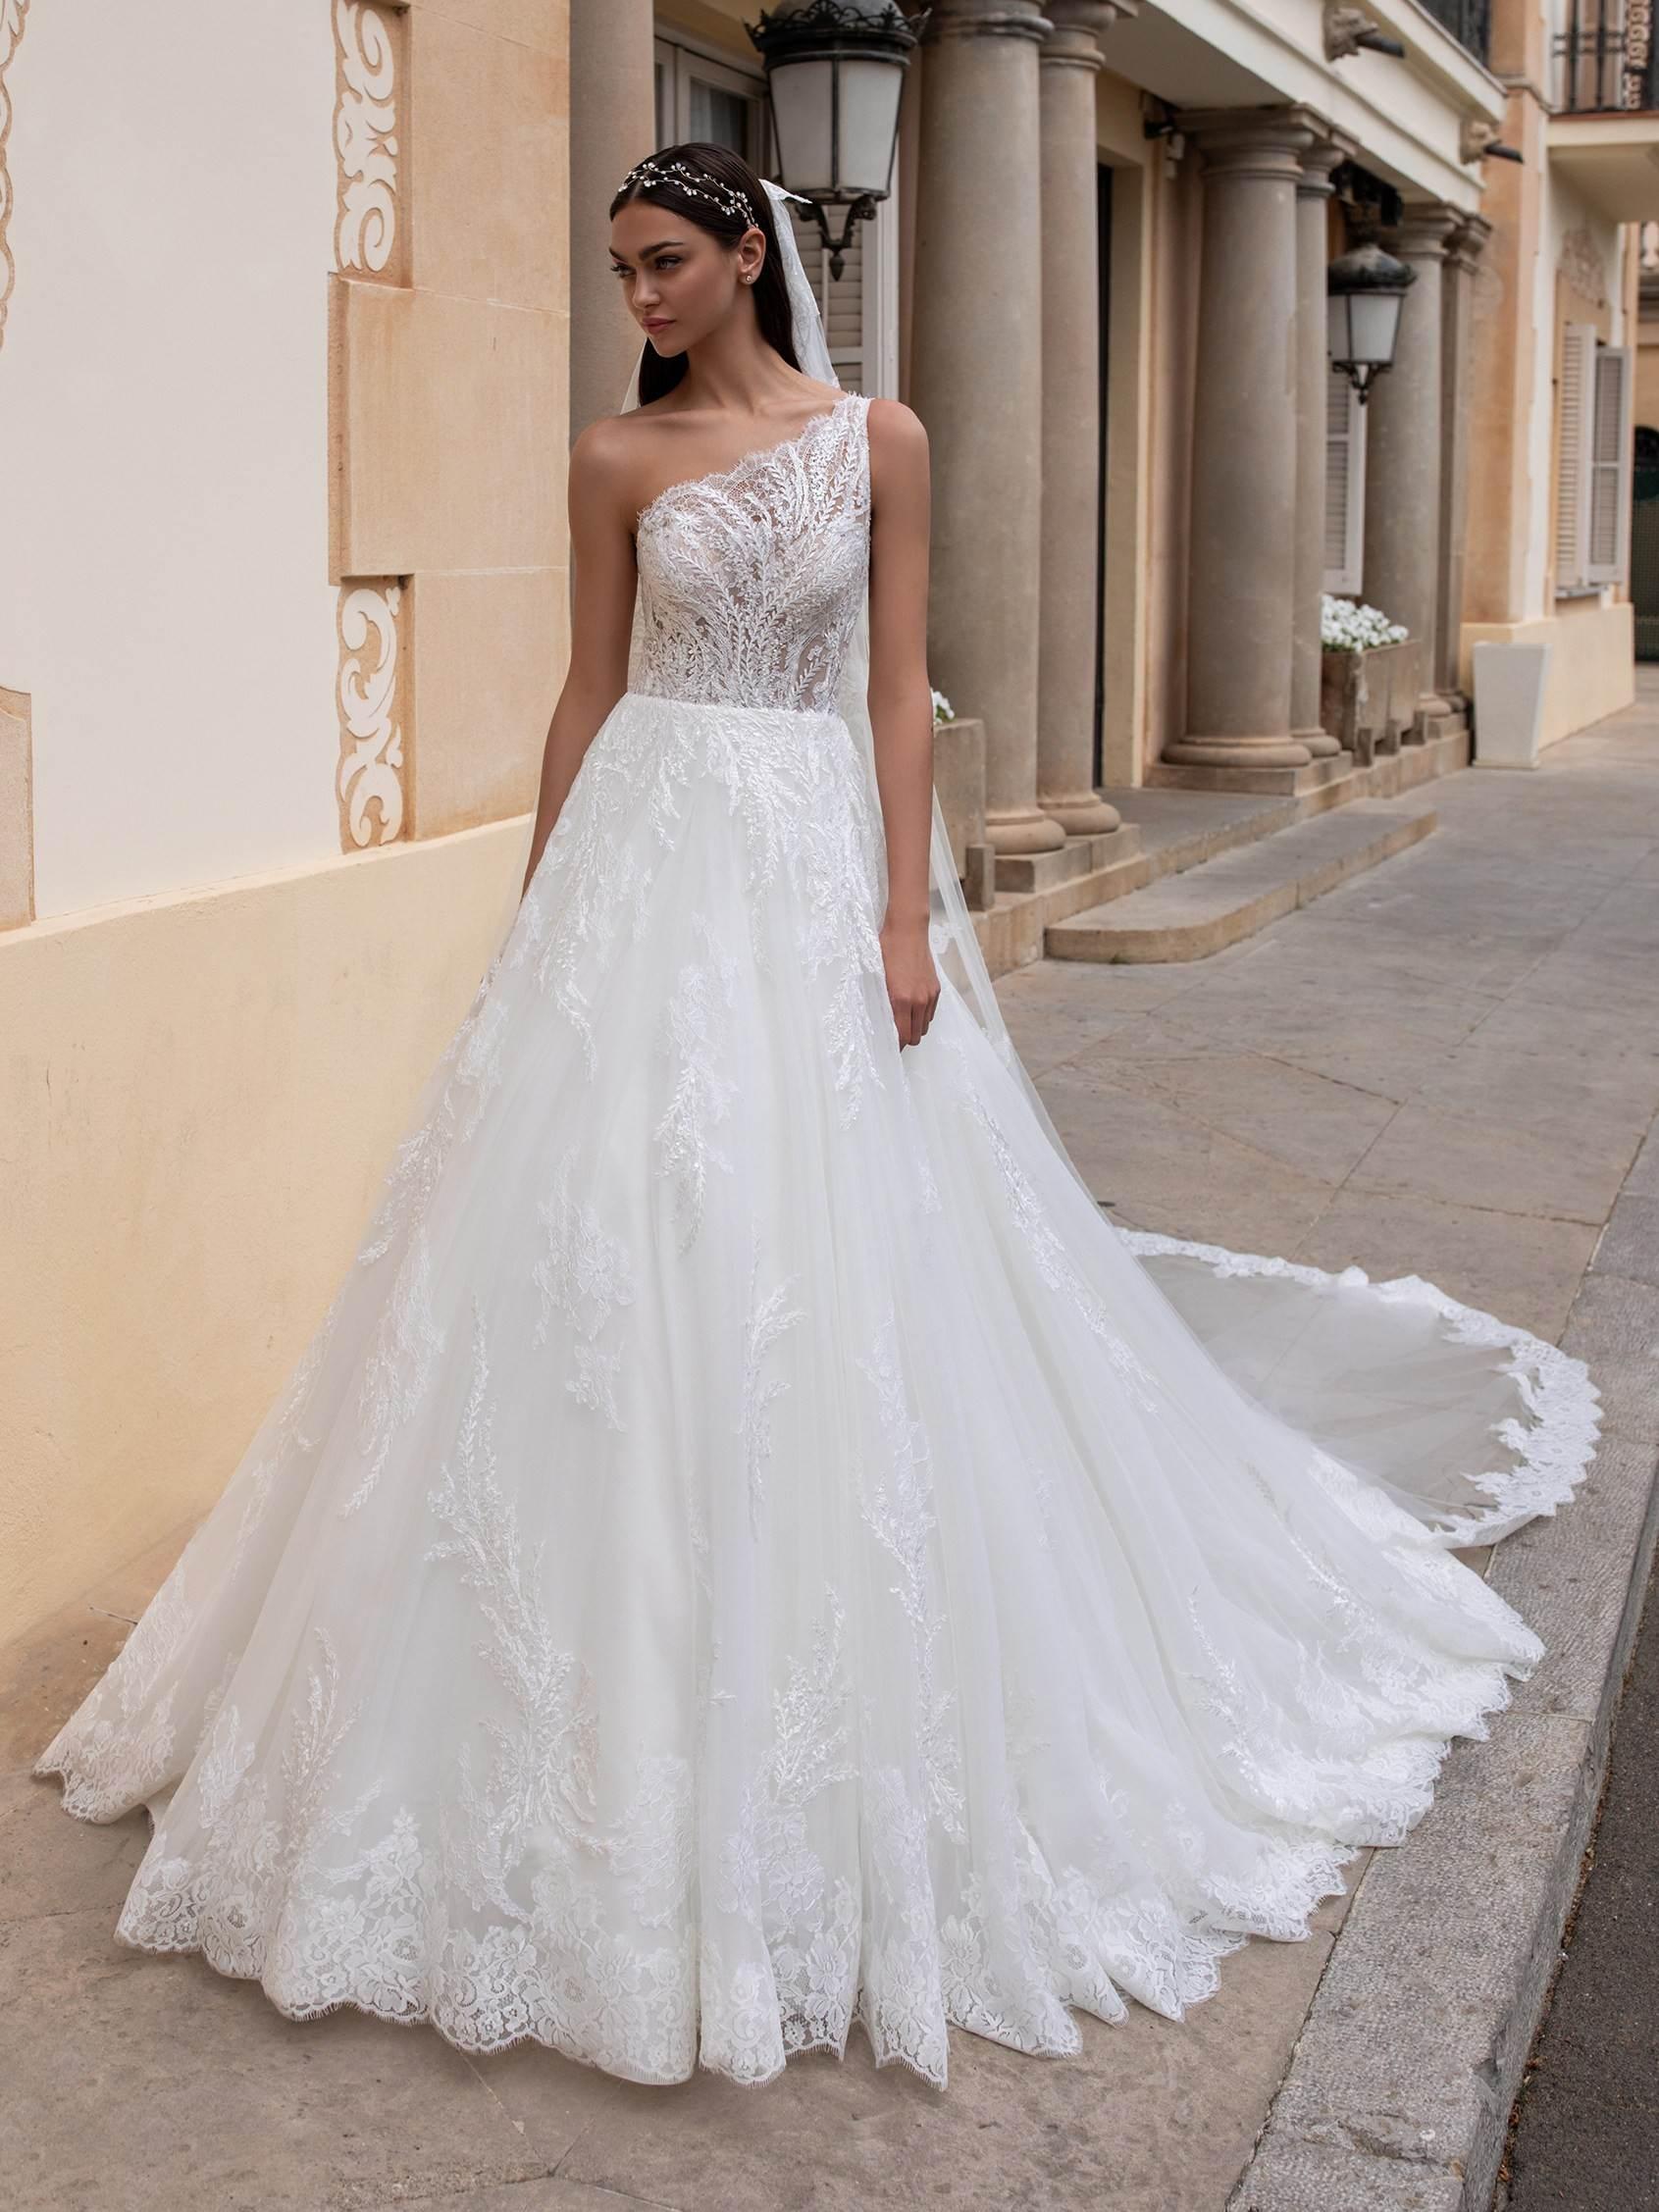 Varda menyasszonyi ruha - Pronovias 2021